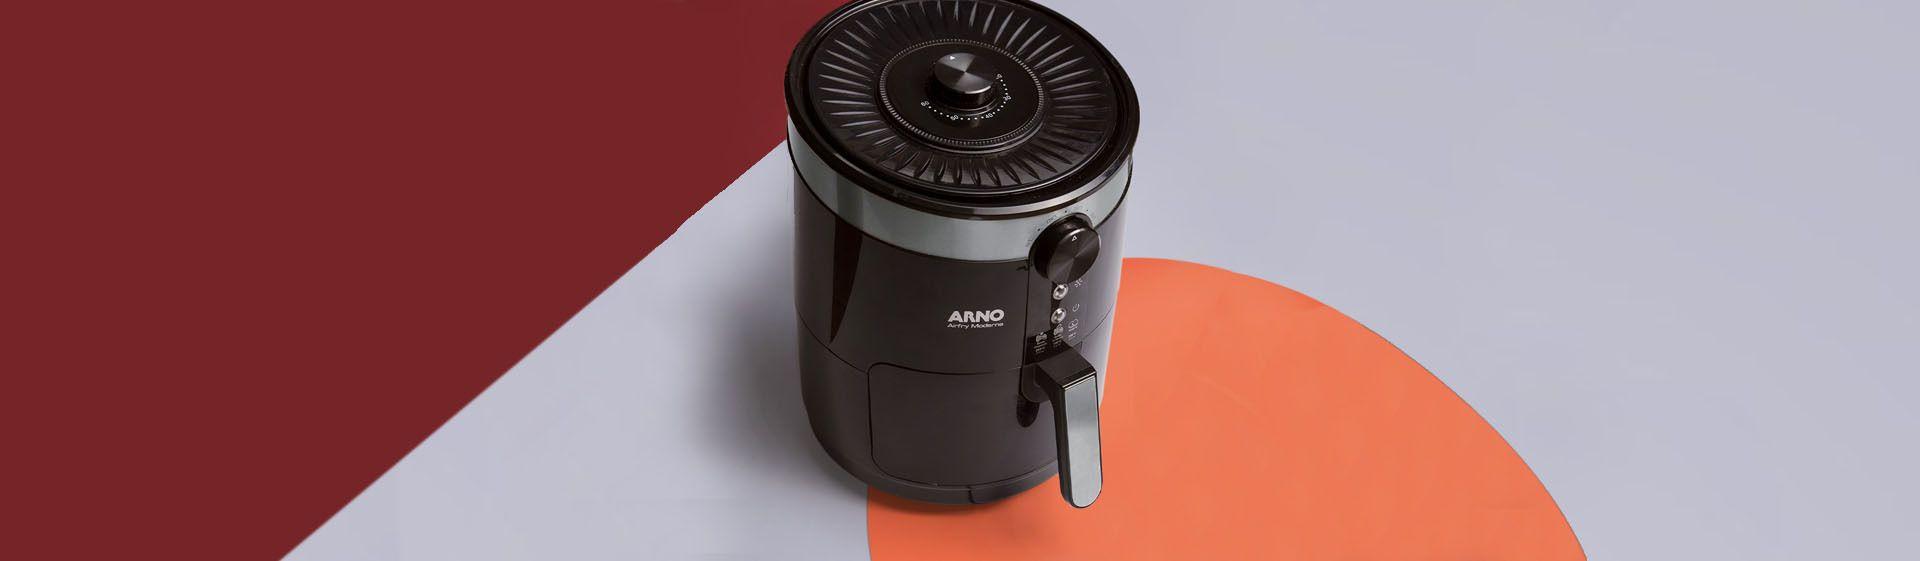 Airfryer Arno é boa? Veja preço e detalhes de 4 modelos